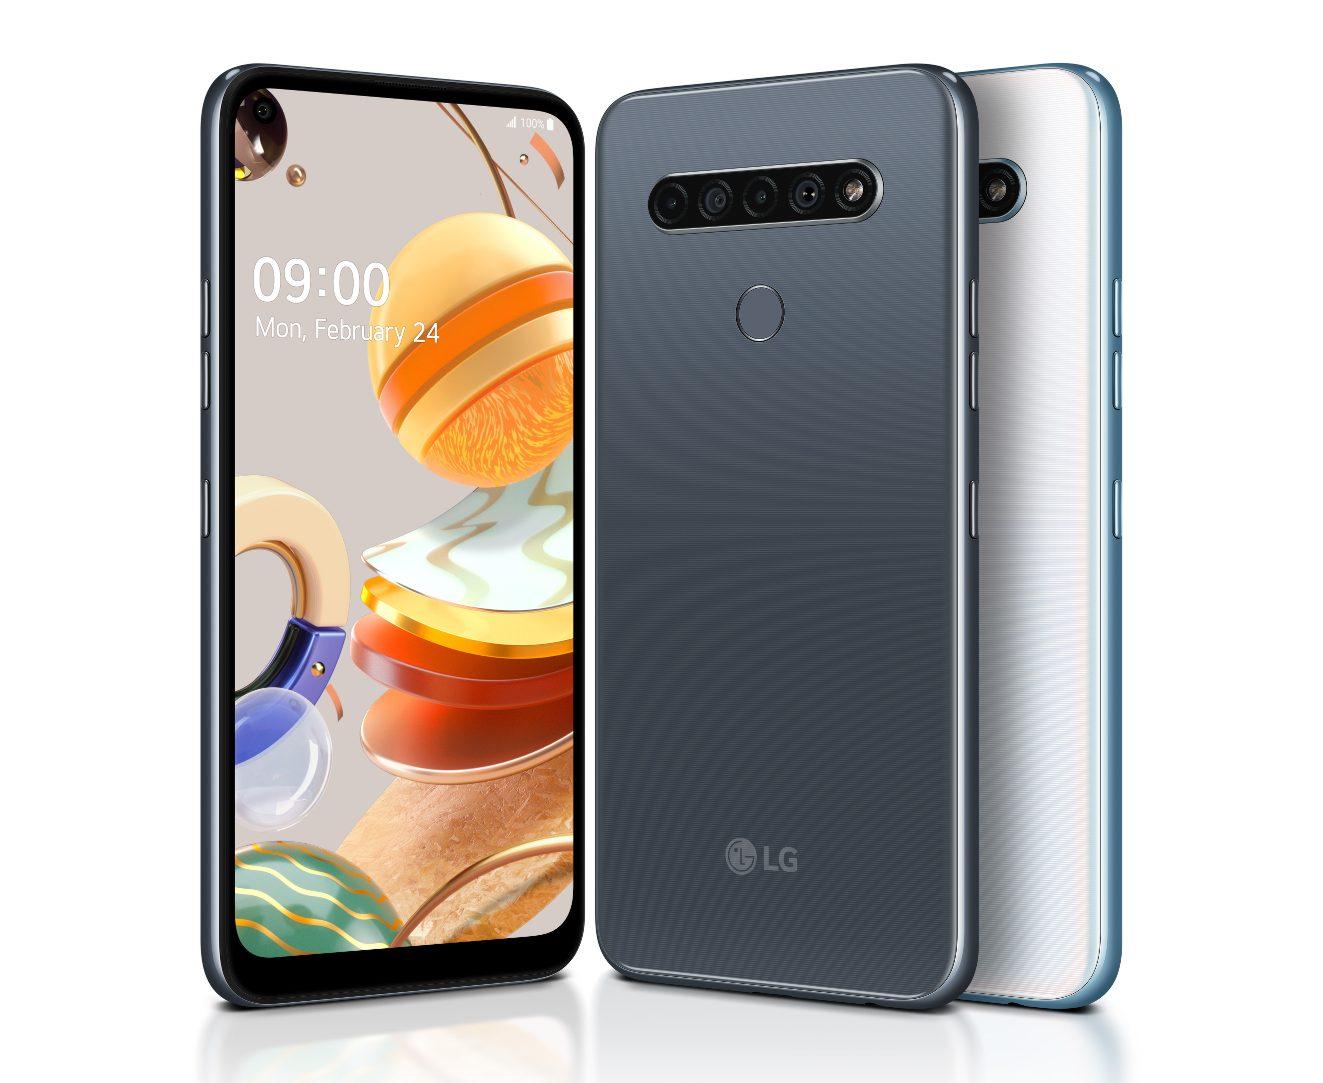 Nawet najsłabszy smartfon LG ma cztery aparaty - premiera modeli K61, K51S i K41S